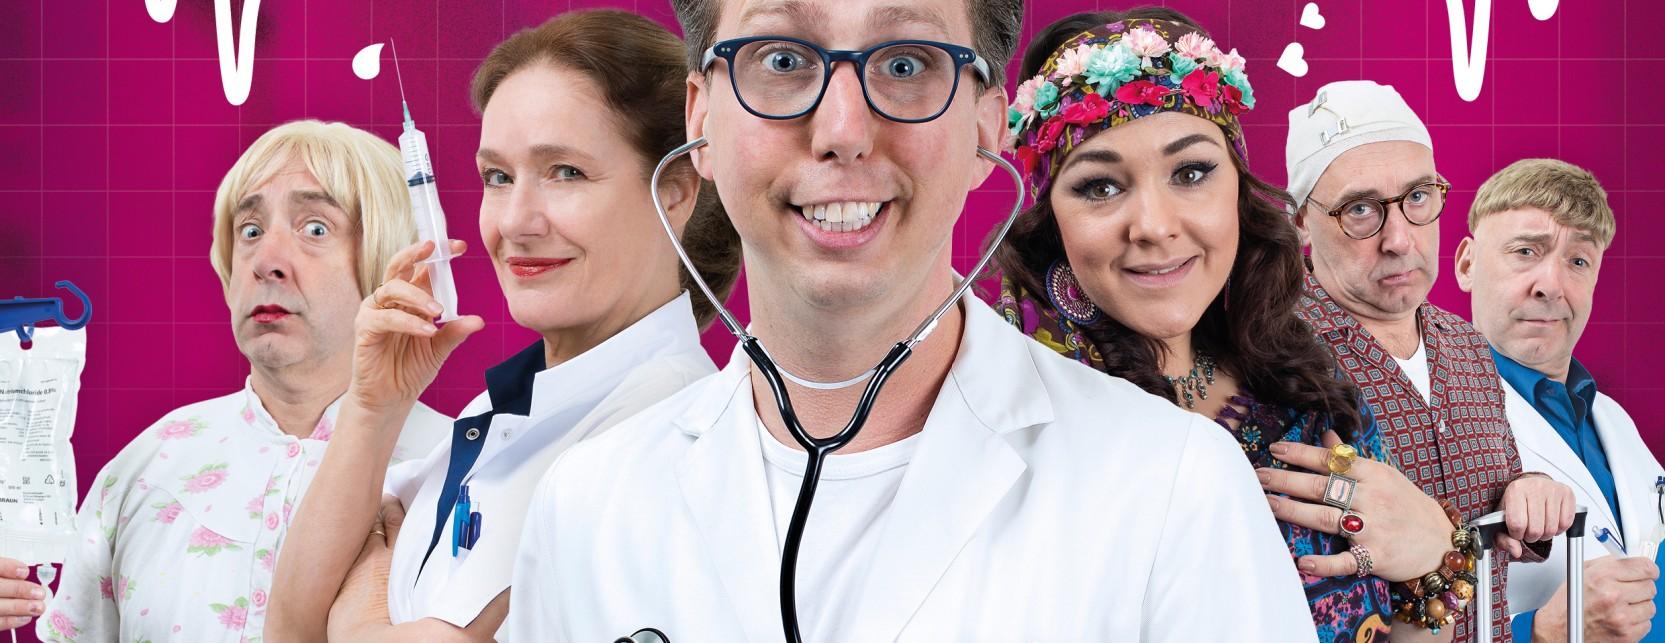 Medisch Centrum Best klucht